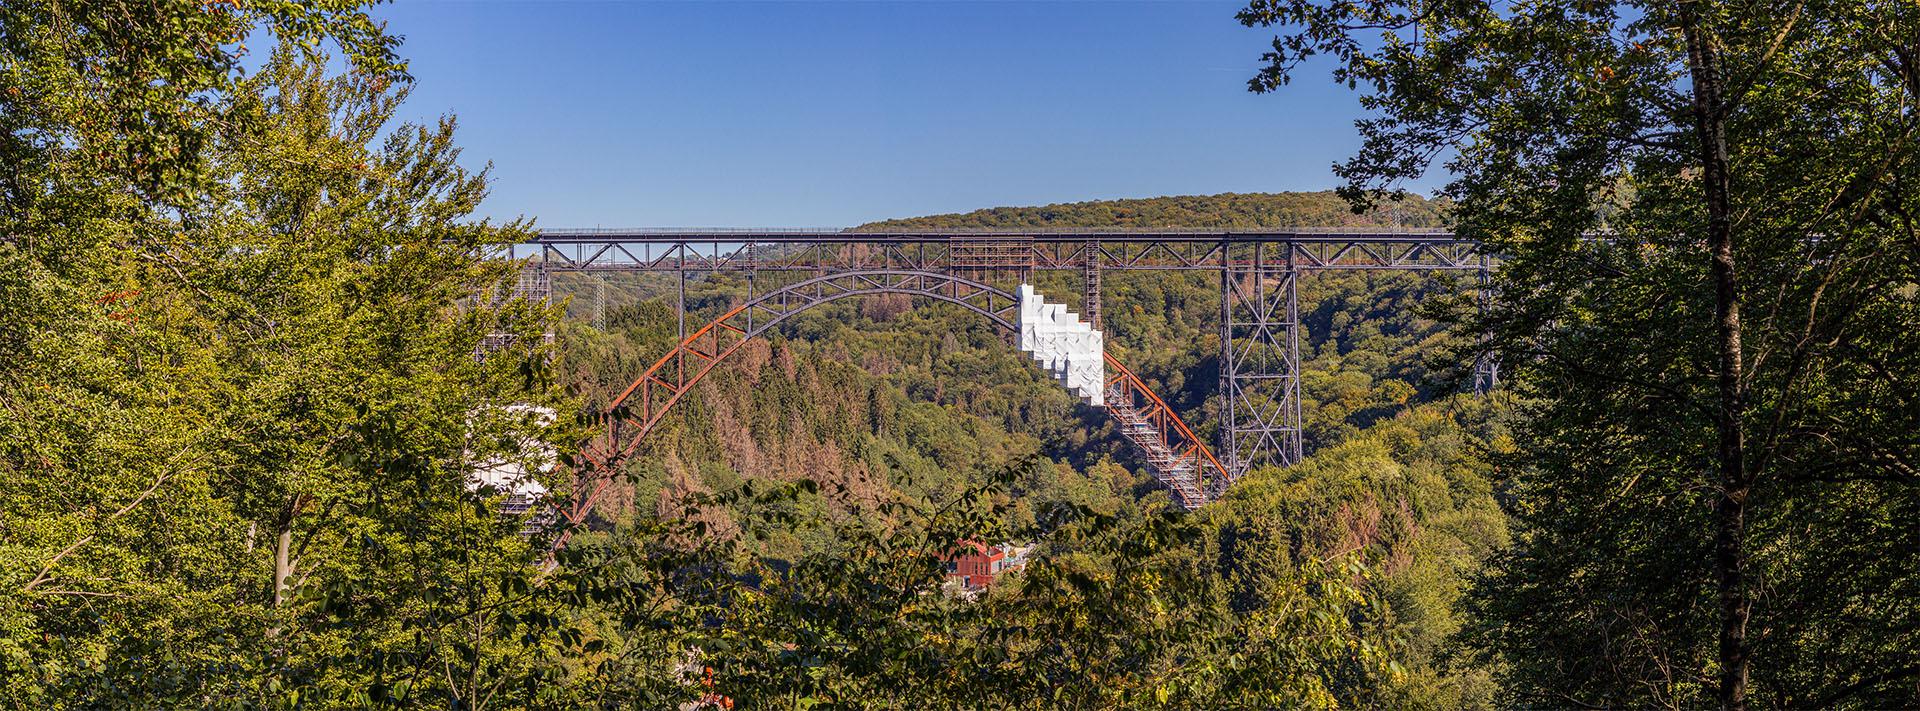 Müngstener Brücke als Panoramabild - Vordergrundbild